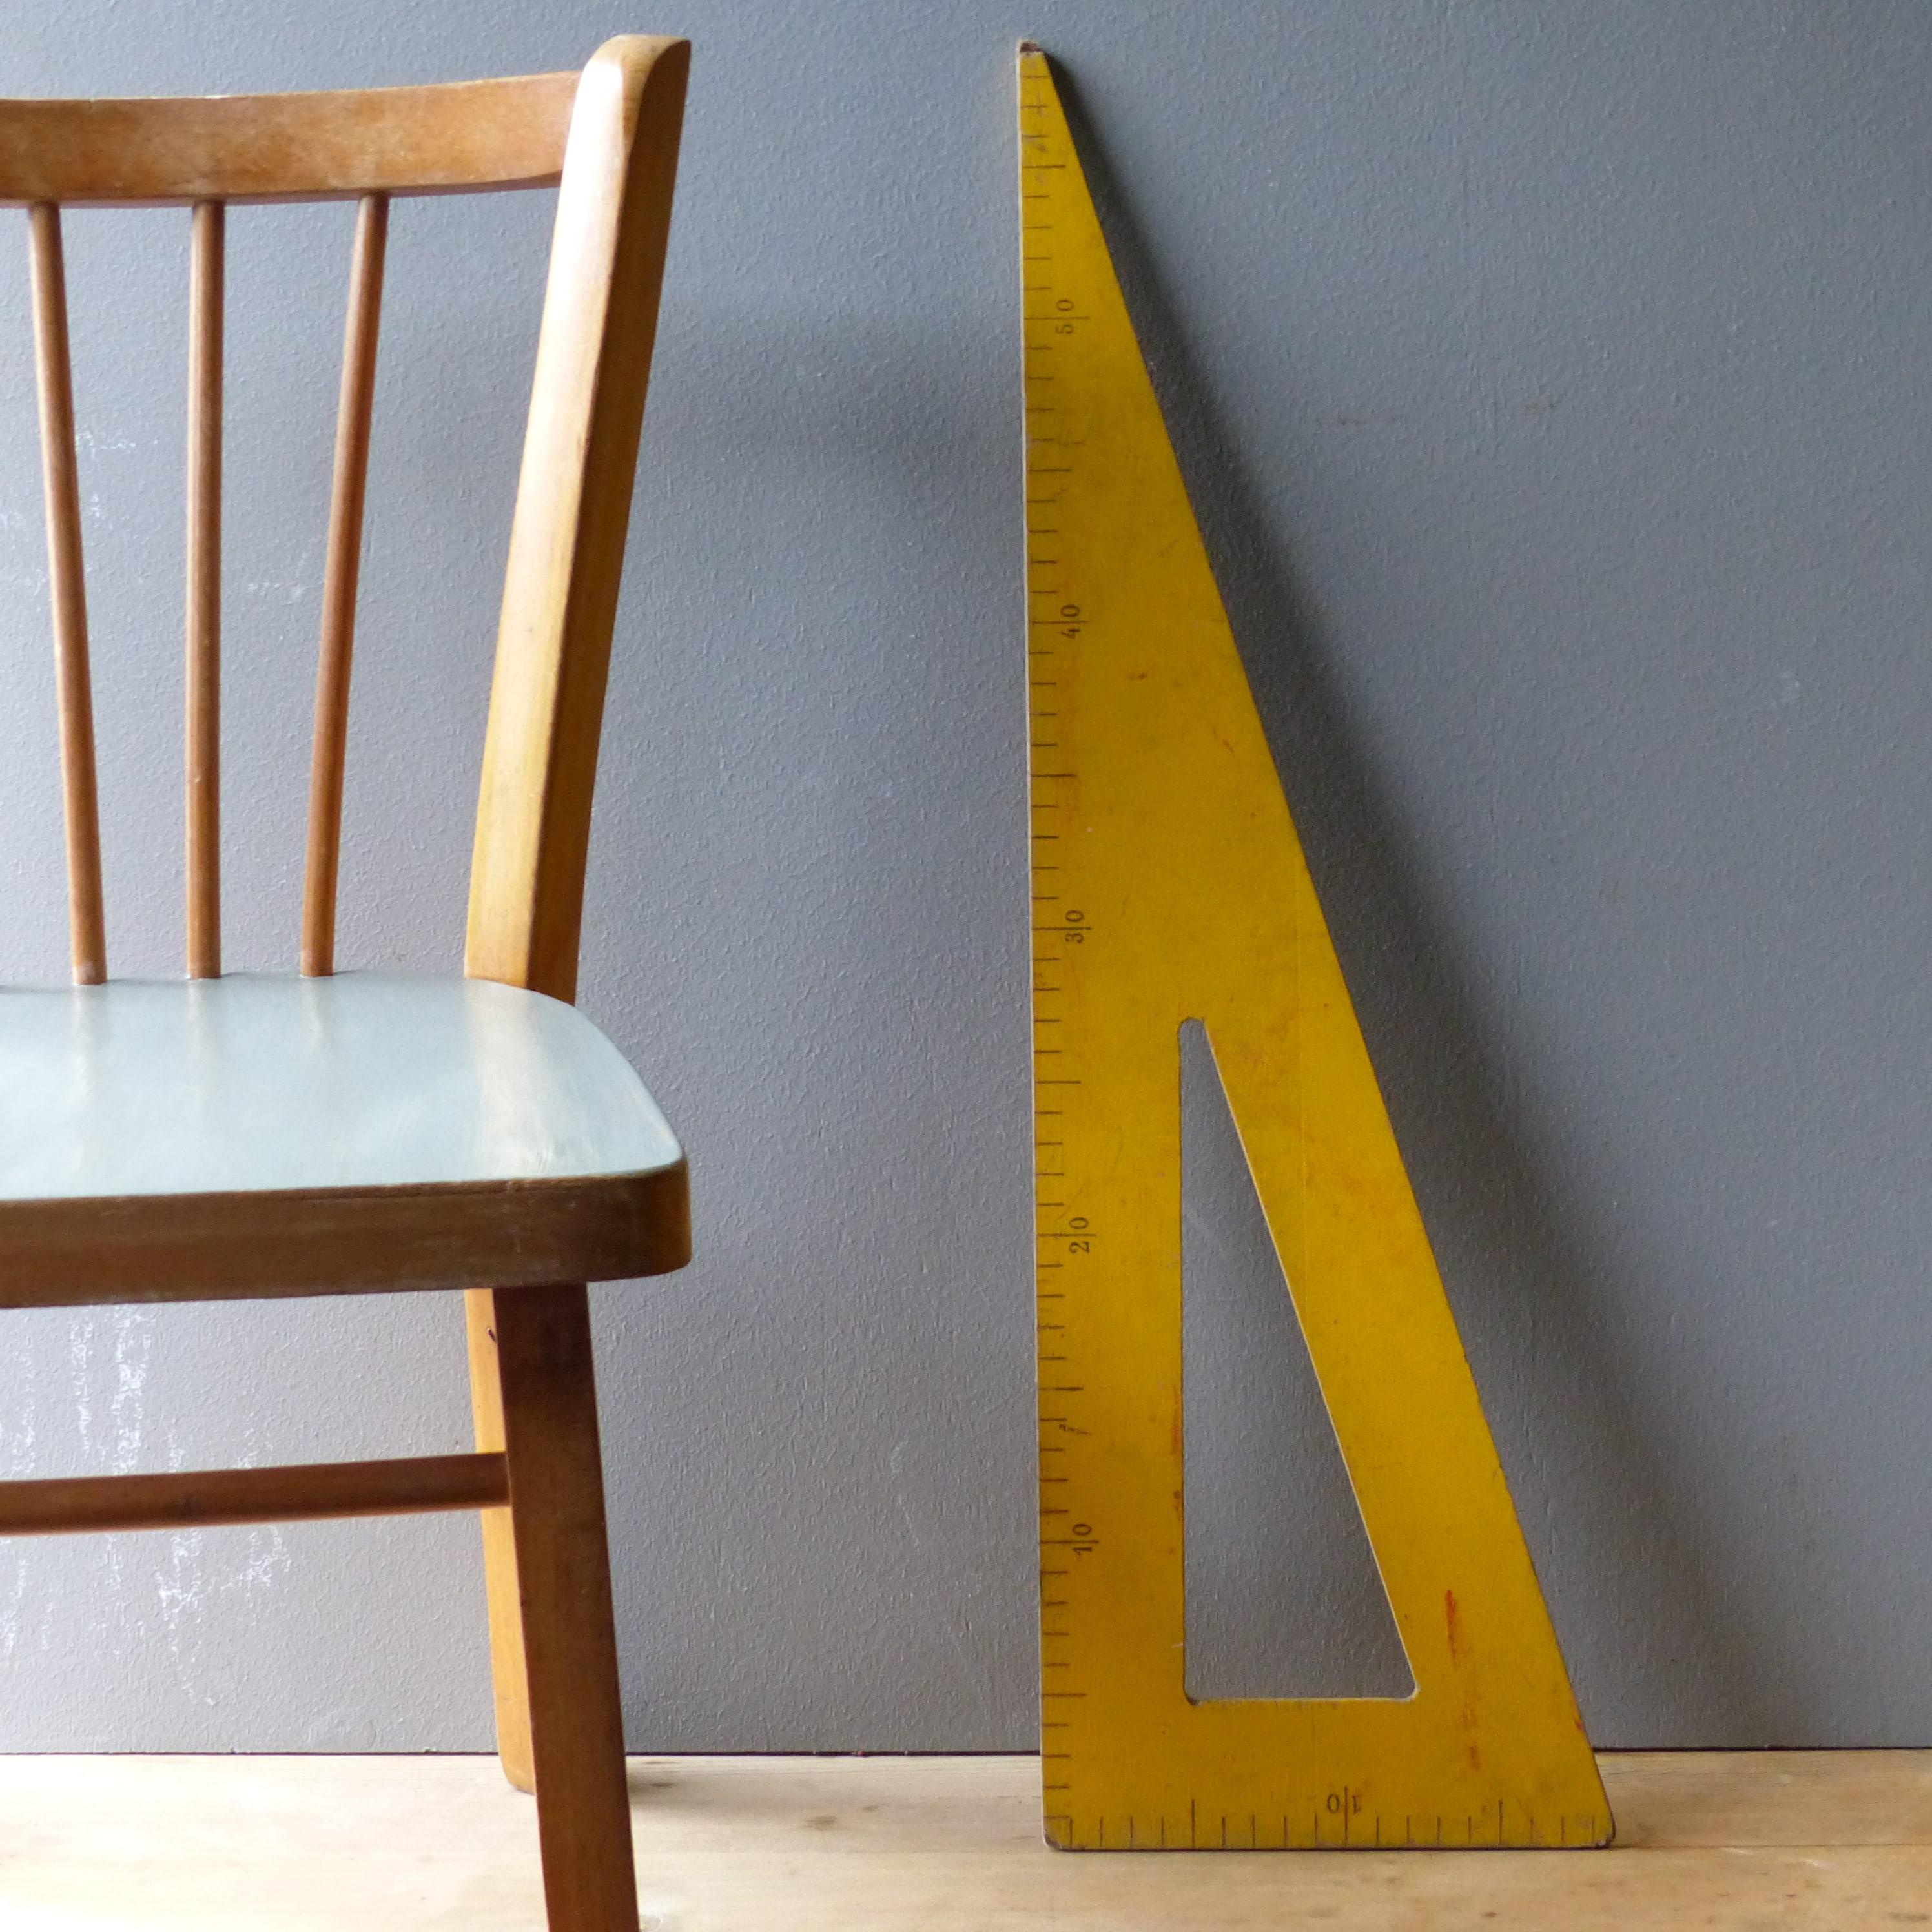 equerre de ma tre d 39 cole en bois jaune lignedebrocante brocante en ligne chine pour vous. Black Bedroom Furniture Sets. Home Design Ideas